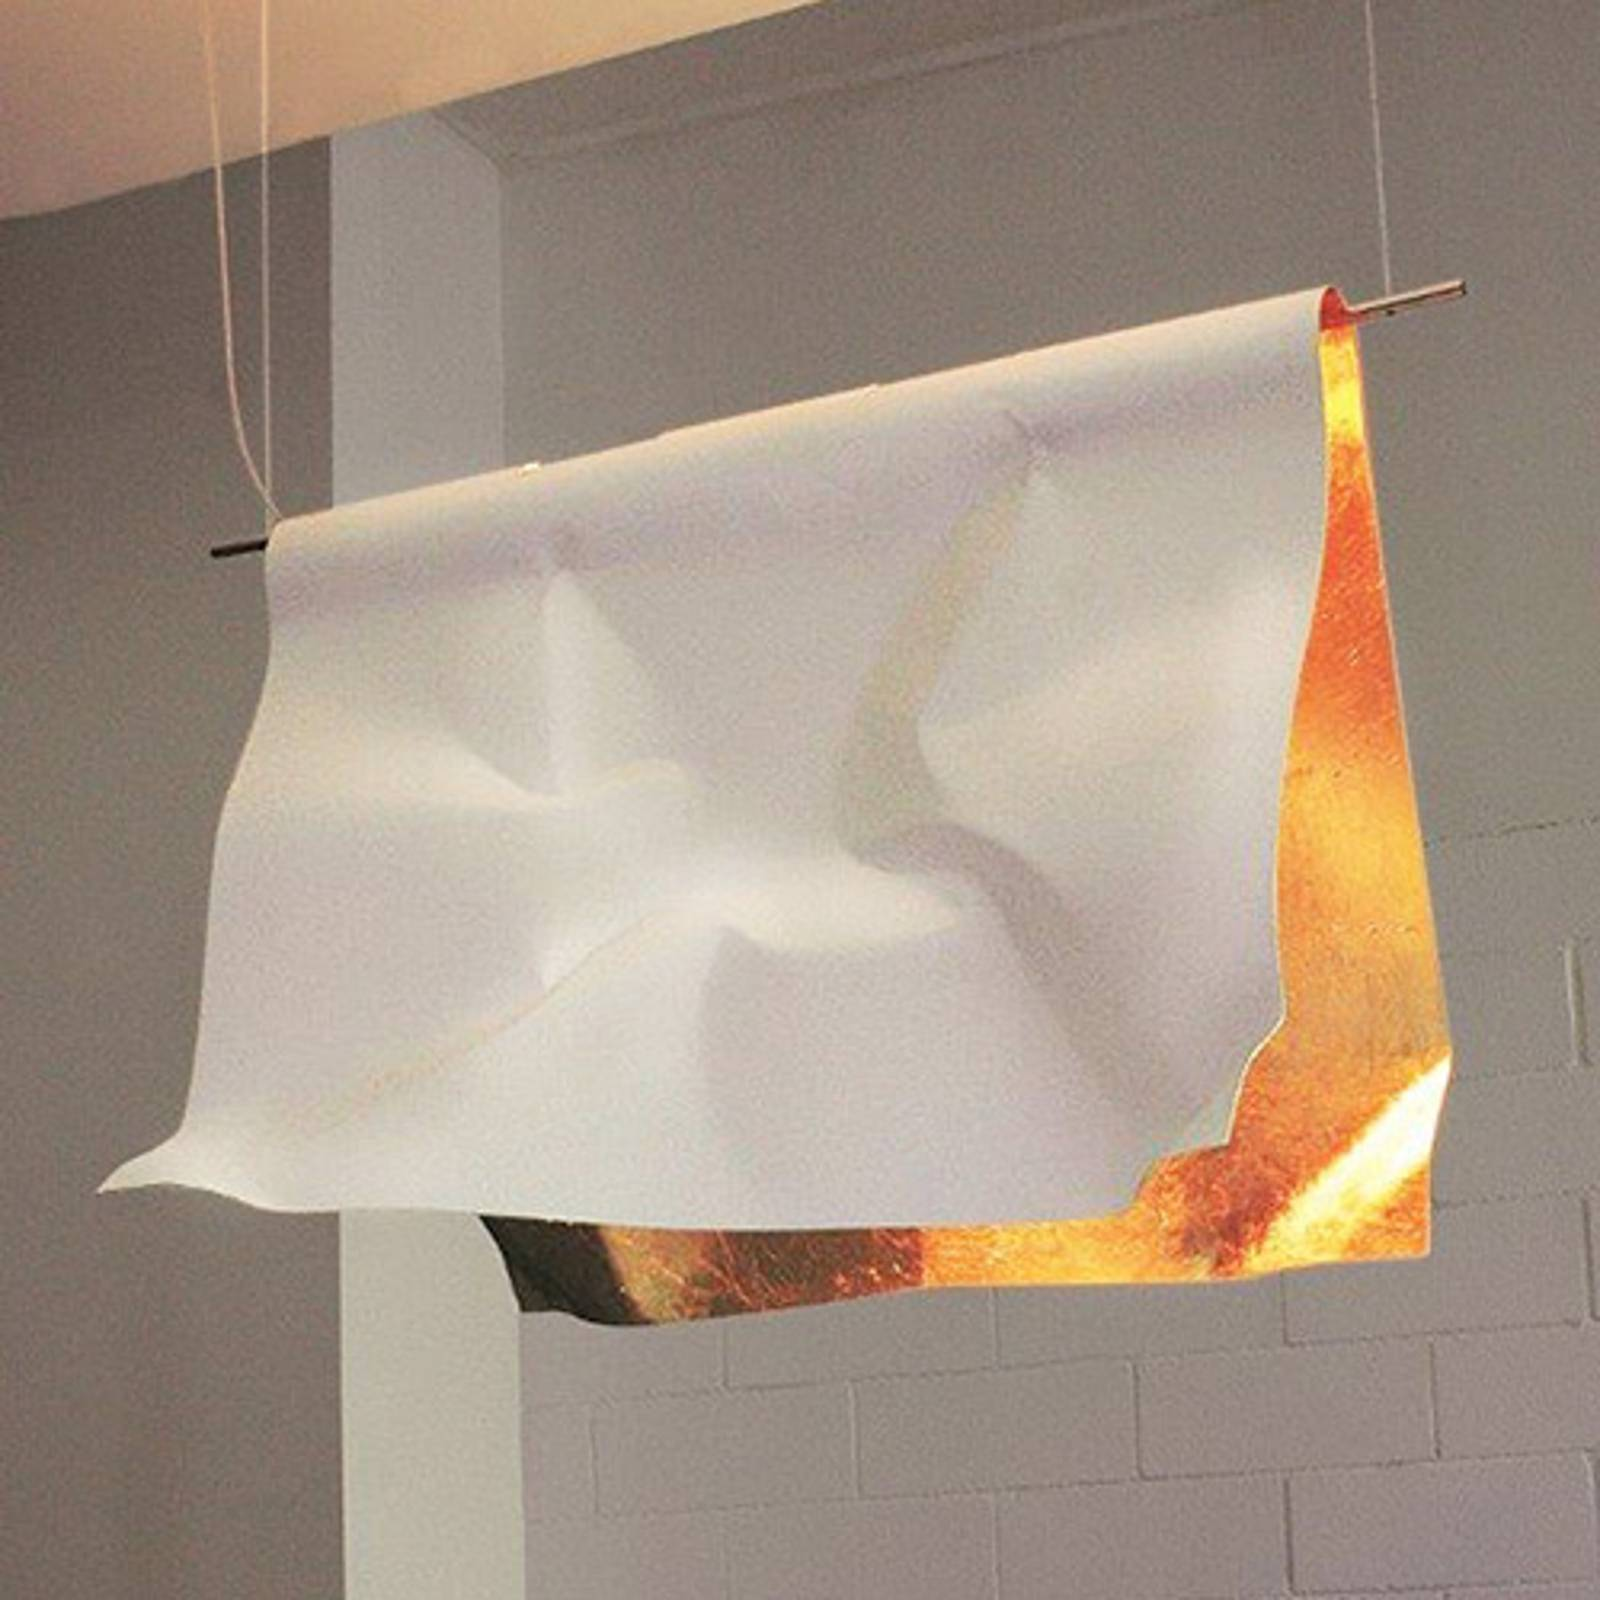 Lampa wisząca Stendimi z płatkowym złotem, 100 cm